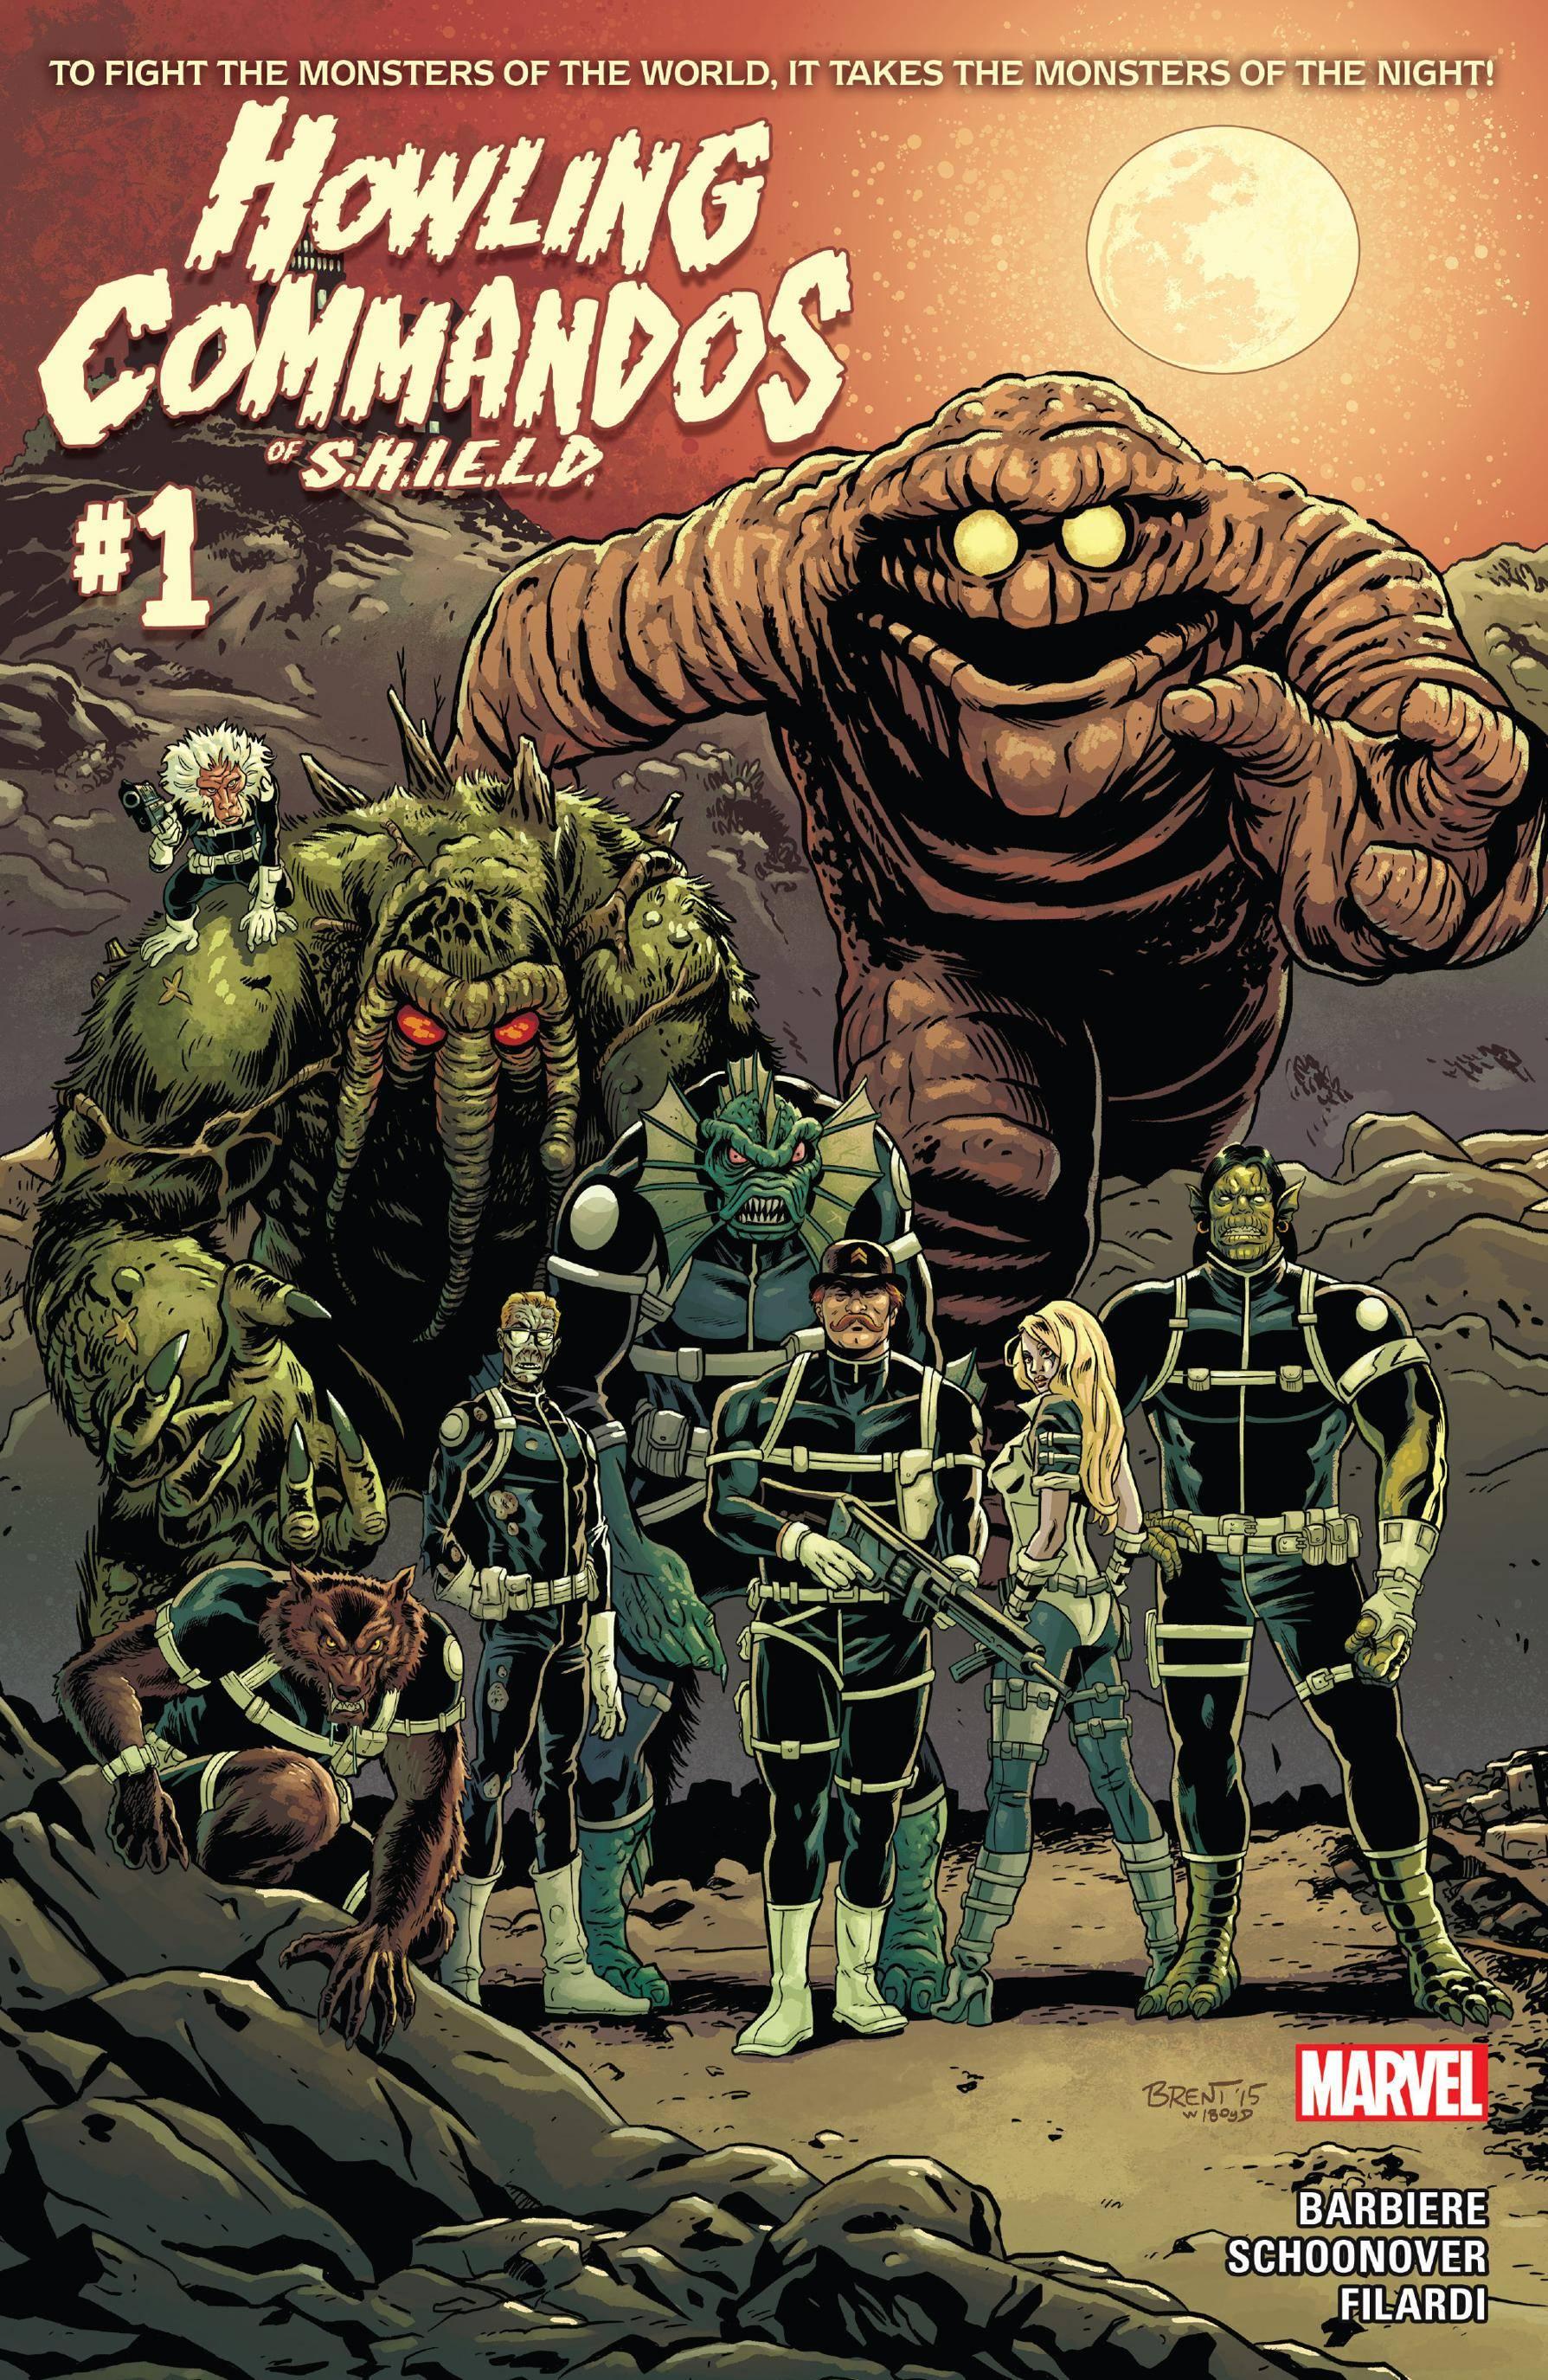 Howling Commandos Of S H I E L D 0012015 2 covers Digi